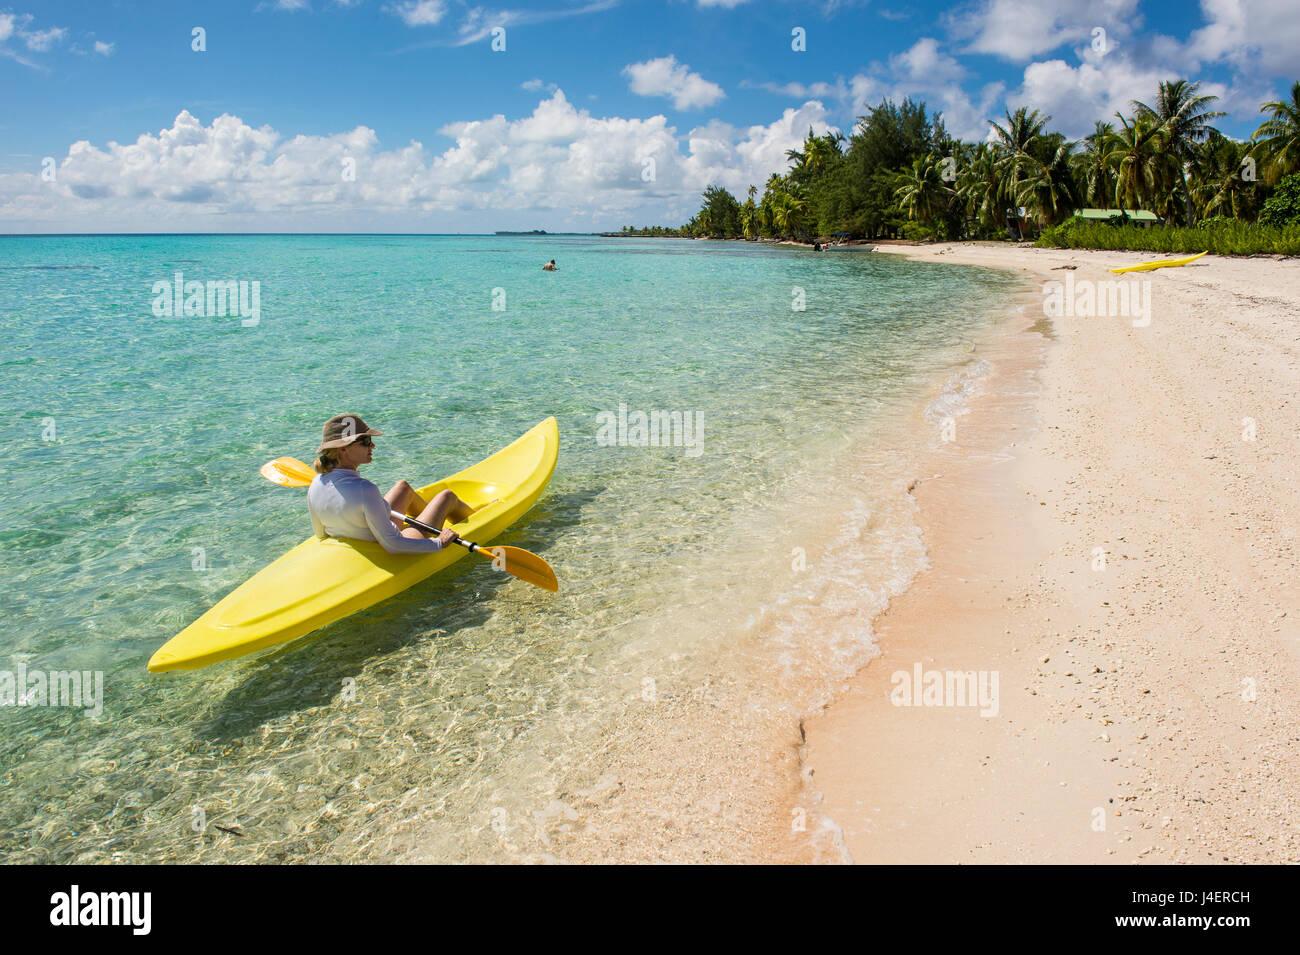 Mujer kayak en las aguas turquesas de Tikehau, Tuamotus, Polinesia Francesa, el Pacífico Imagen De Stock